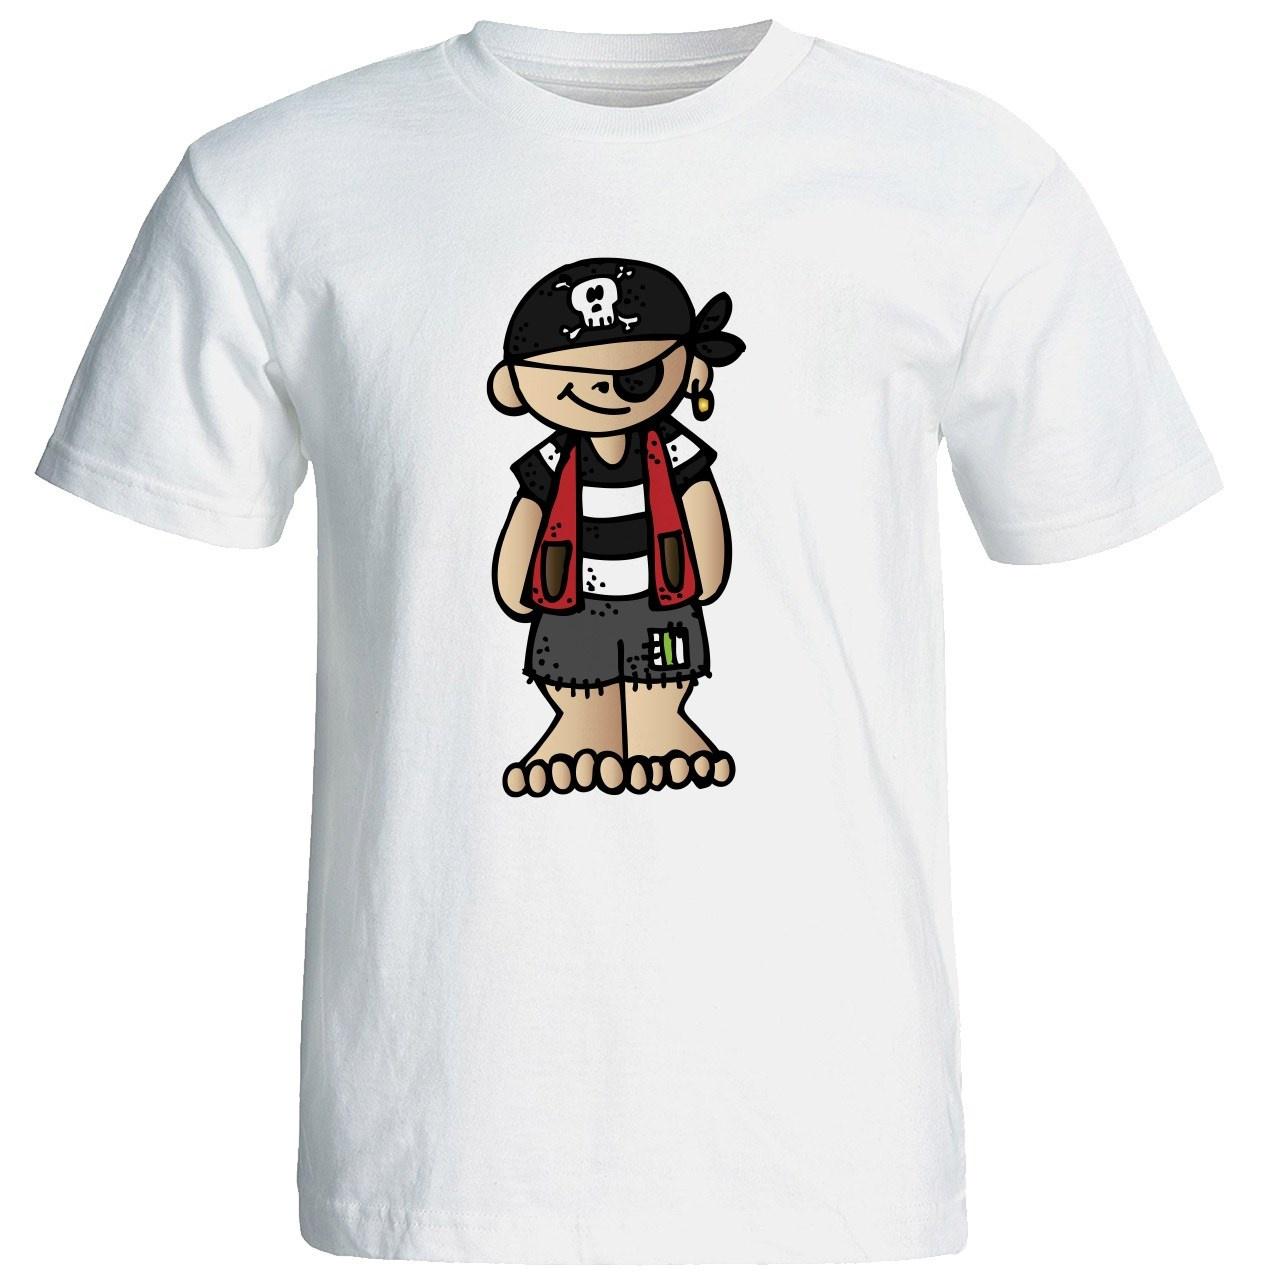 تی شرت آستین کوتاه مردانه شین دیزاین طرح فانتزی کد 4309